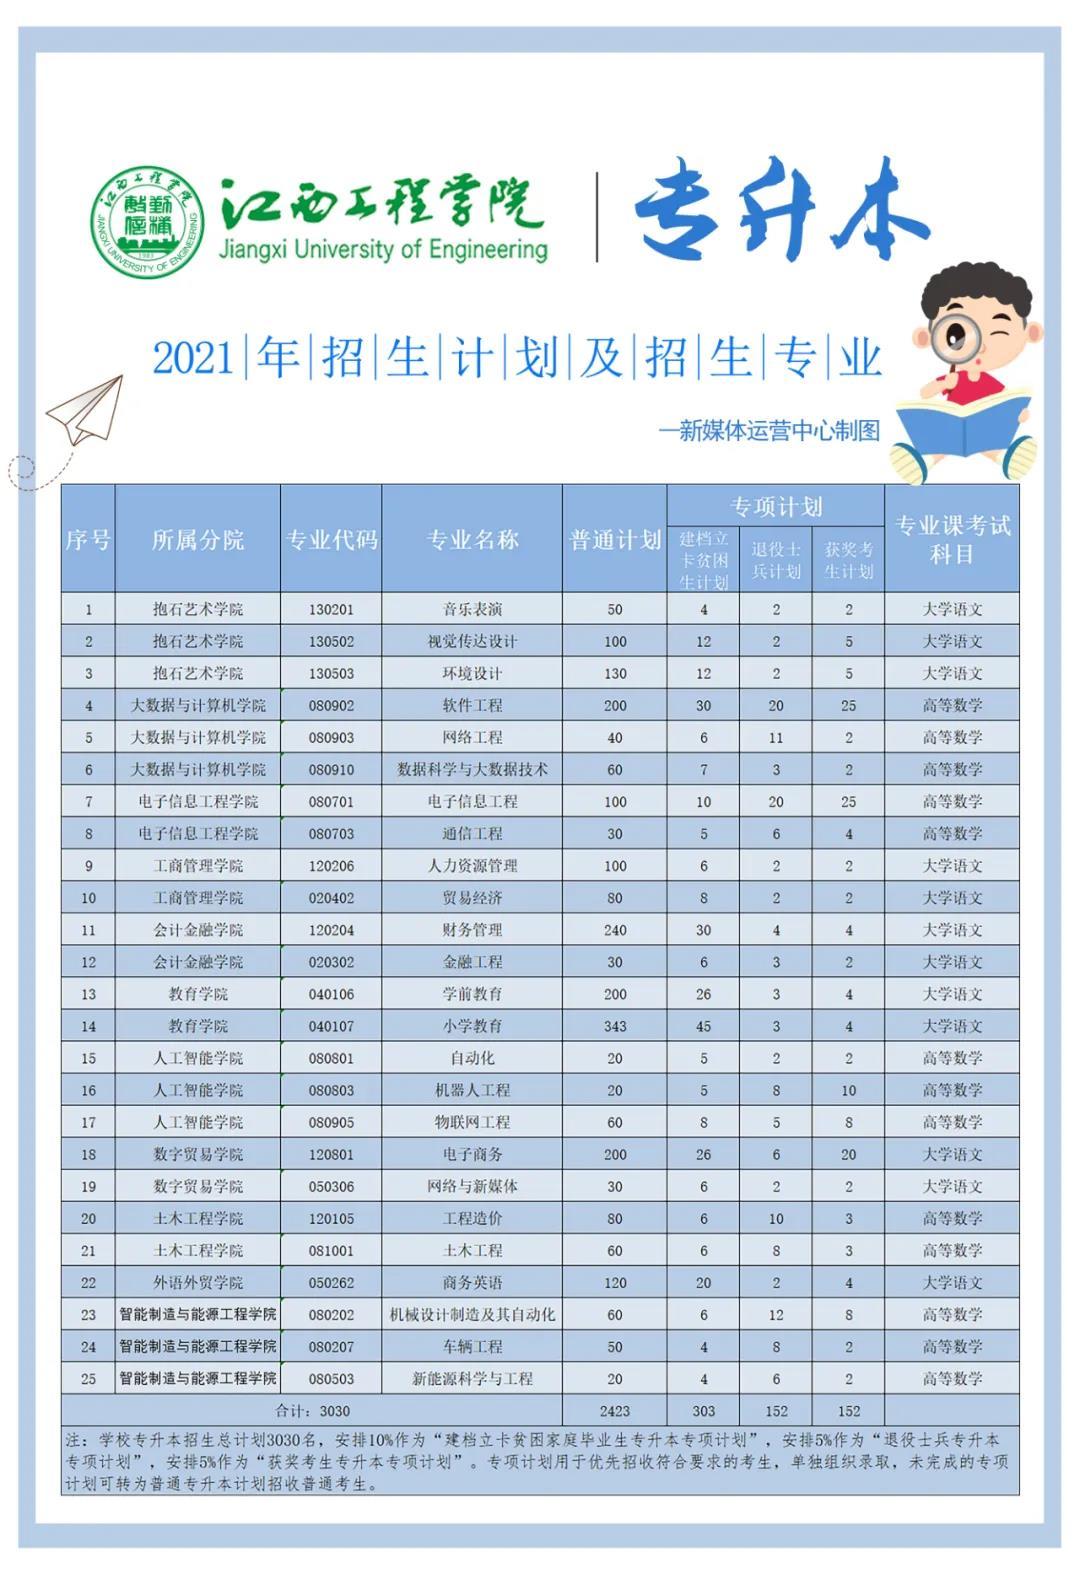 2021江西工程学院专升本招生专业及考试科目